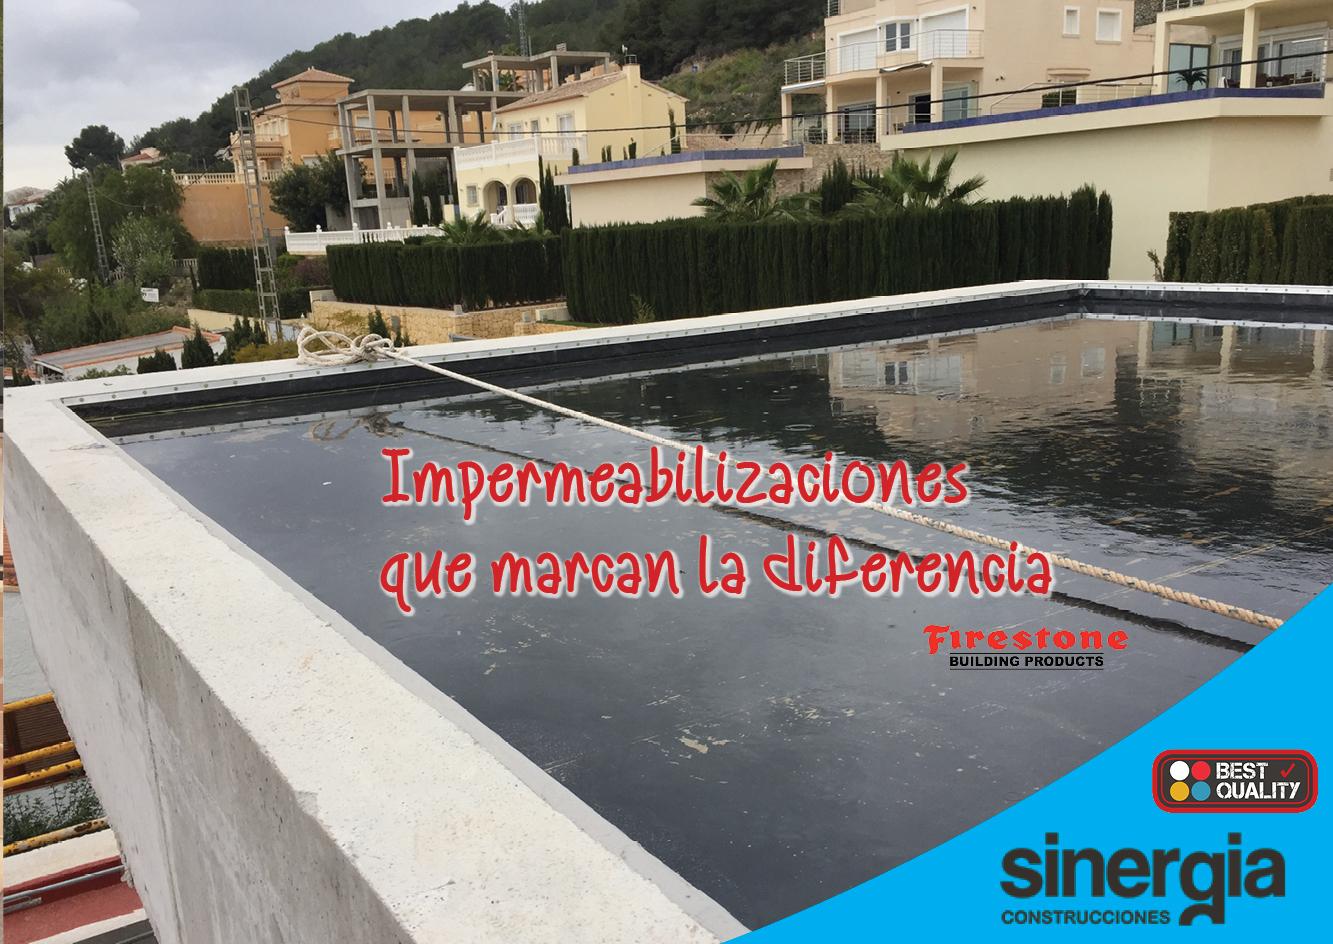 Impermeabilización: problemas de goteras y humedades